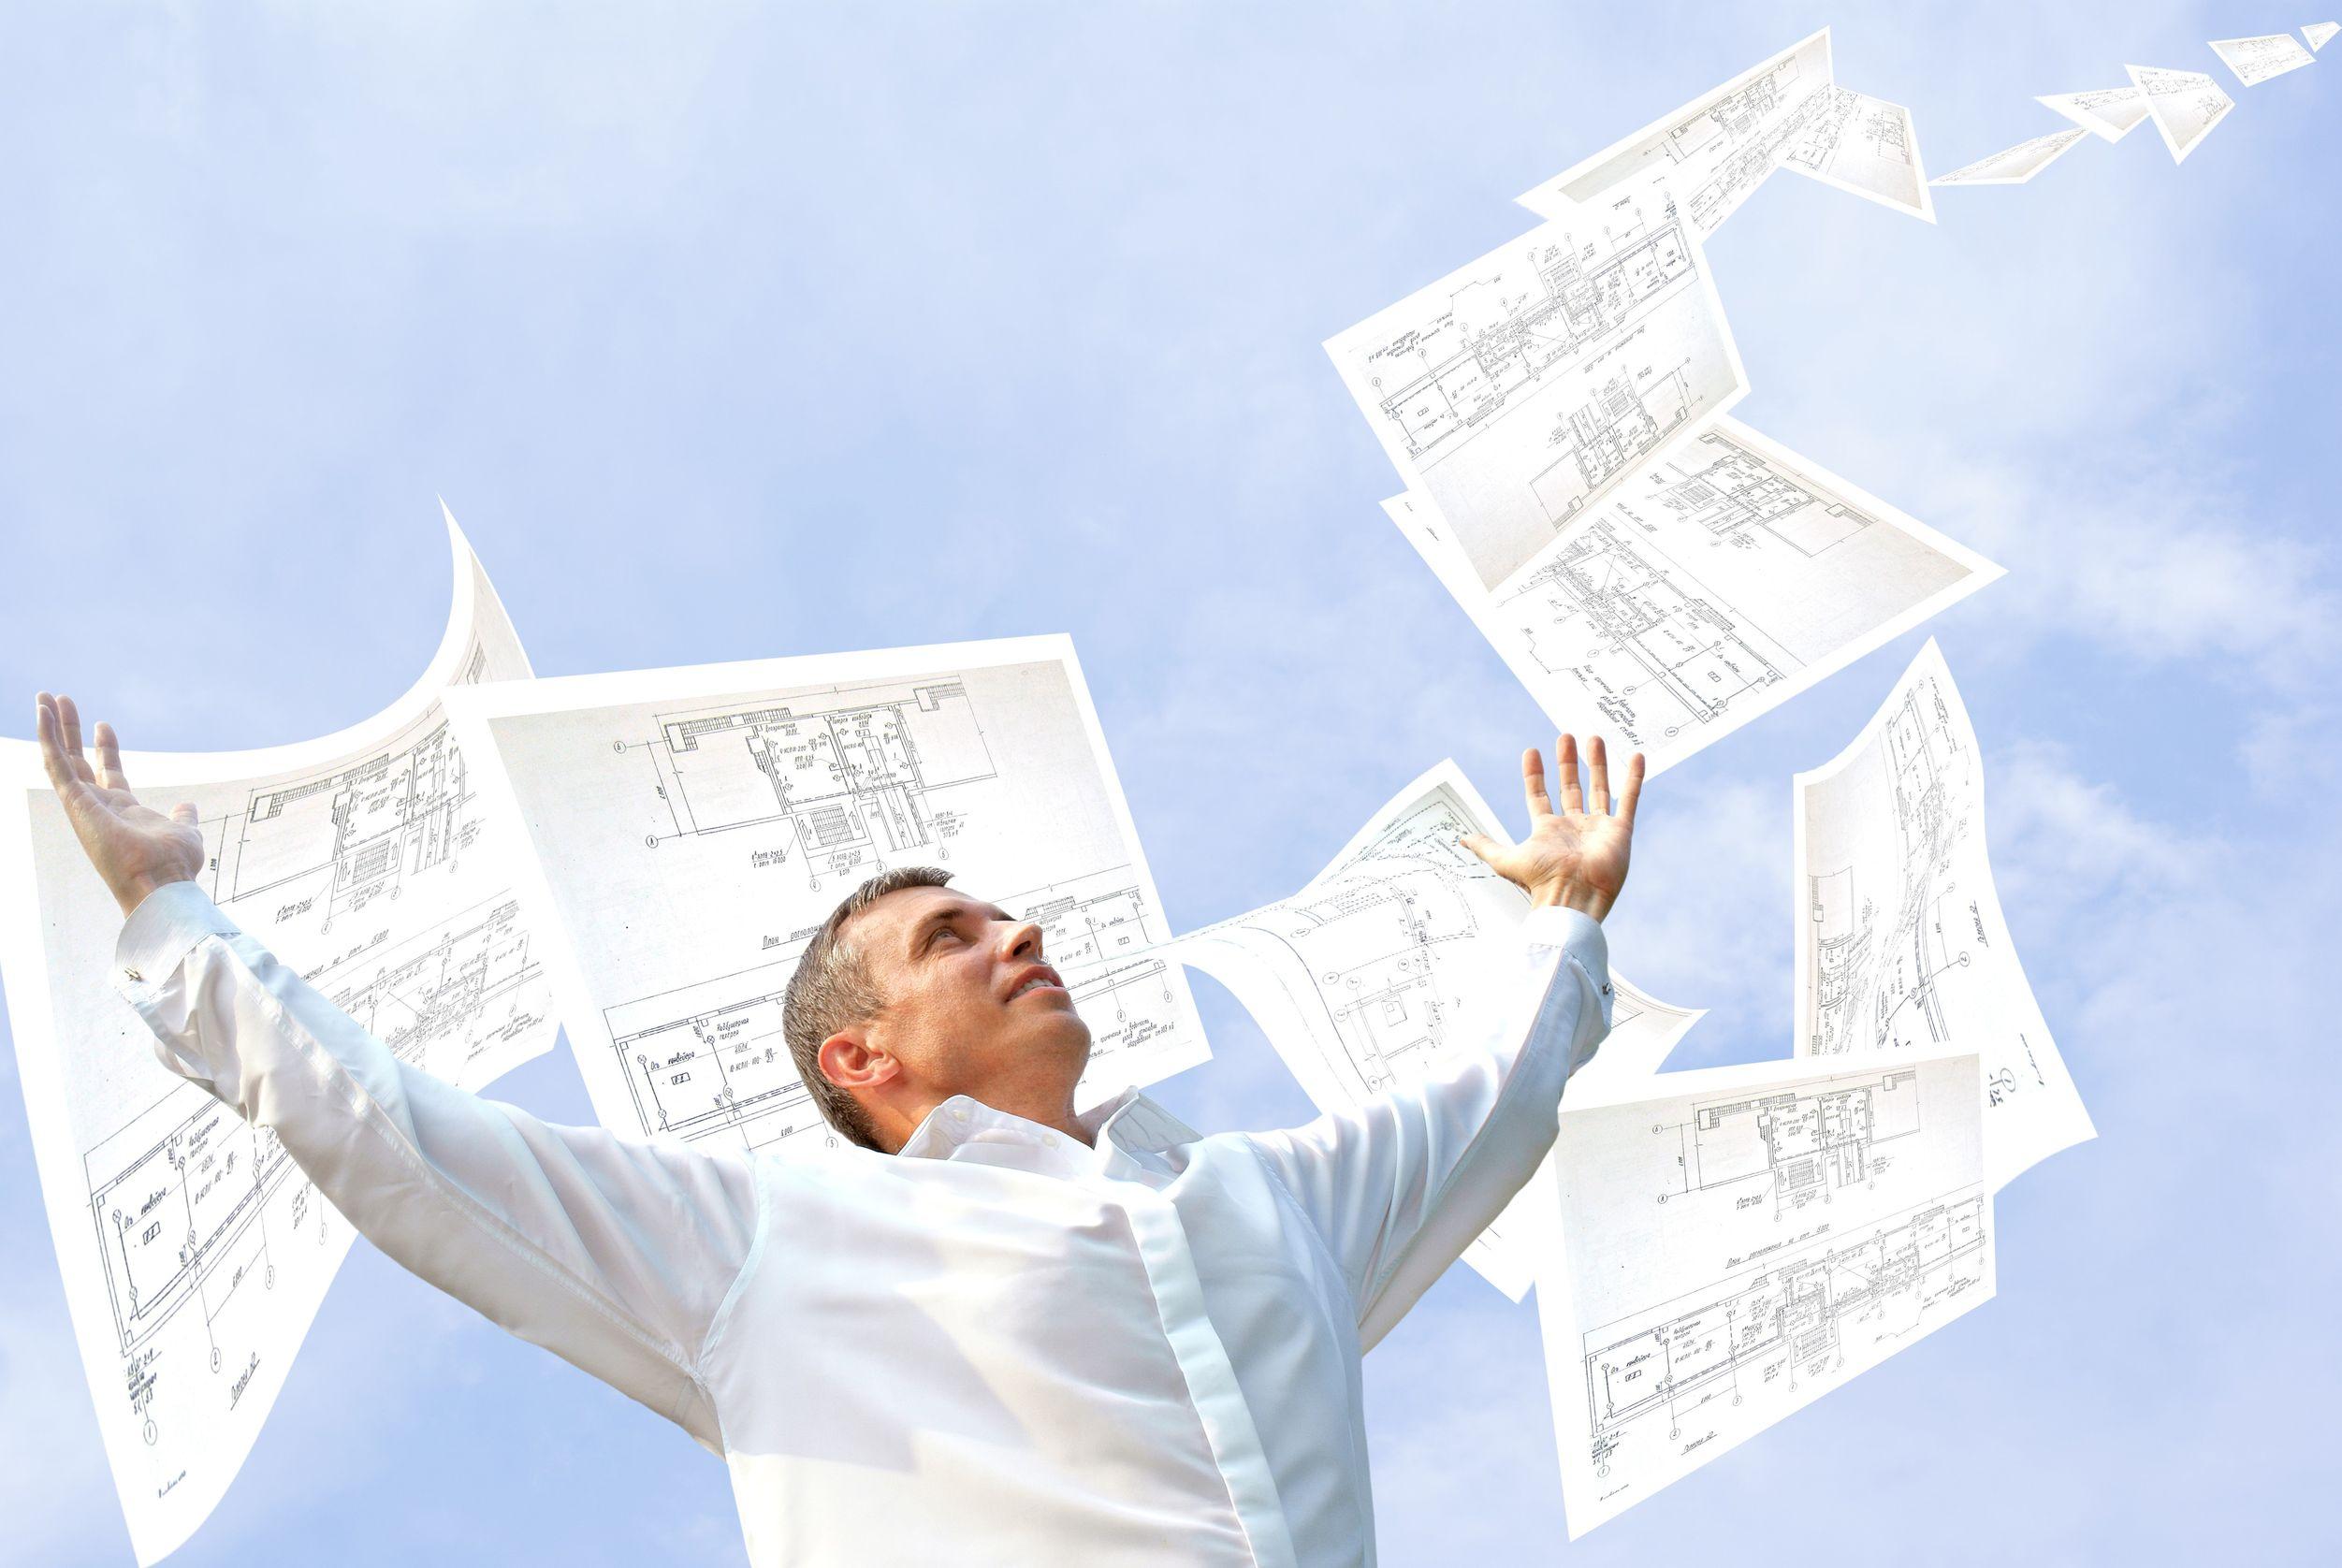 Brezpapirno poslovanje lahko prinese koristi le, če je pravilno izvedeno!